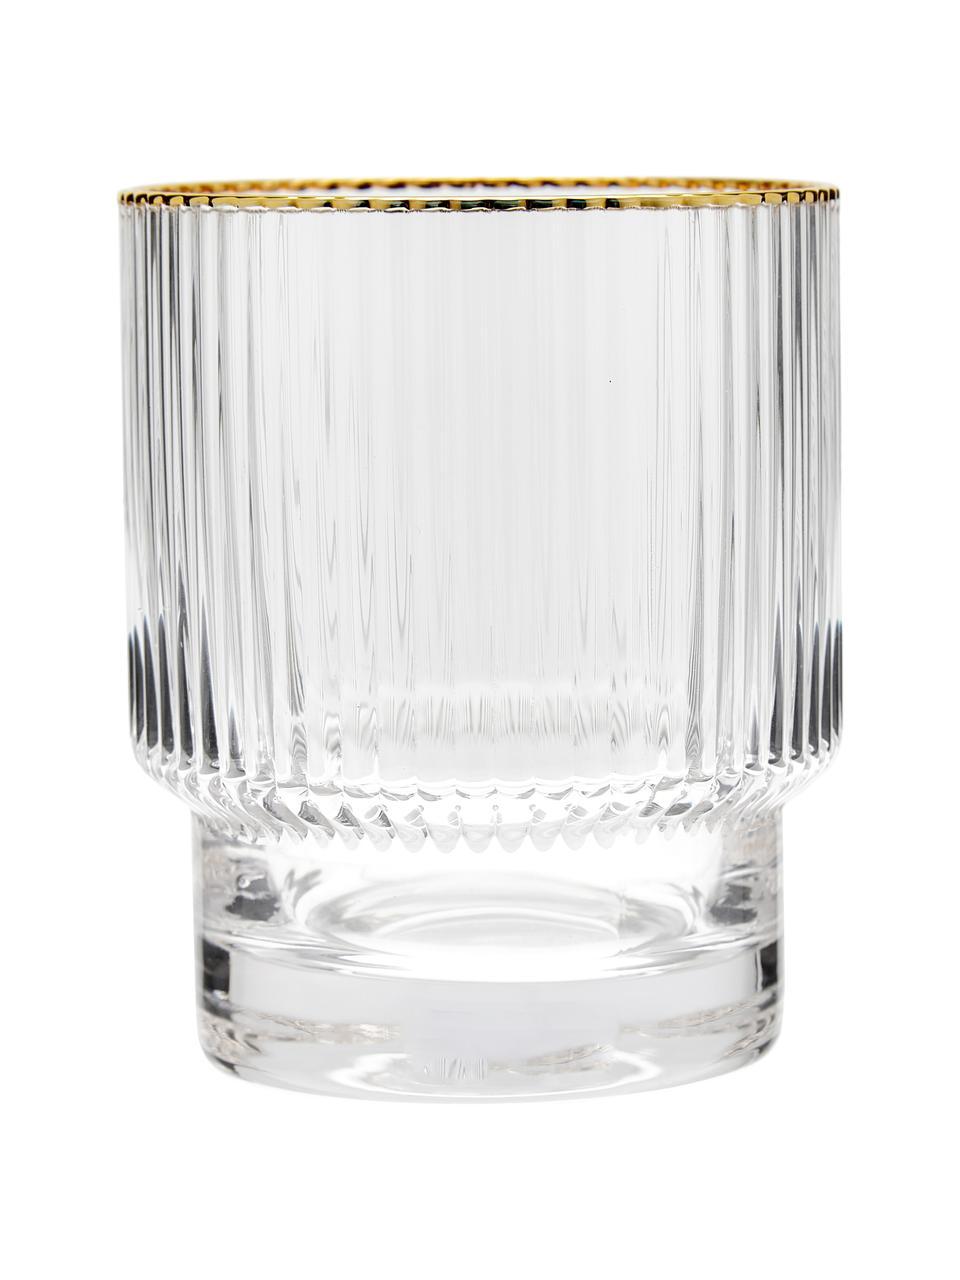 Handgefertigte Wassergläser Minna mit Rillenrelief und Goldrand, 4 Stück, Glas, mundgeblasen, Transparent, Ø 8 x H 10 cm